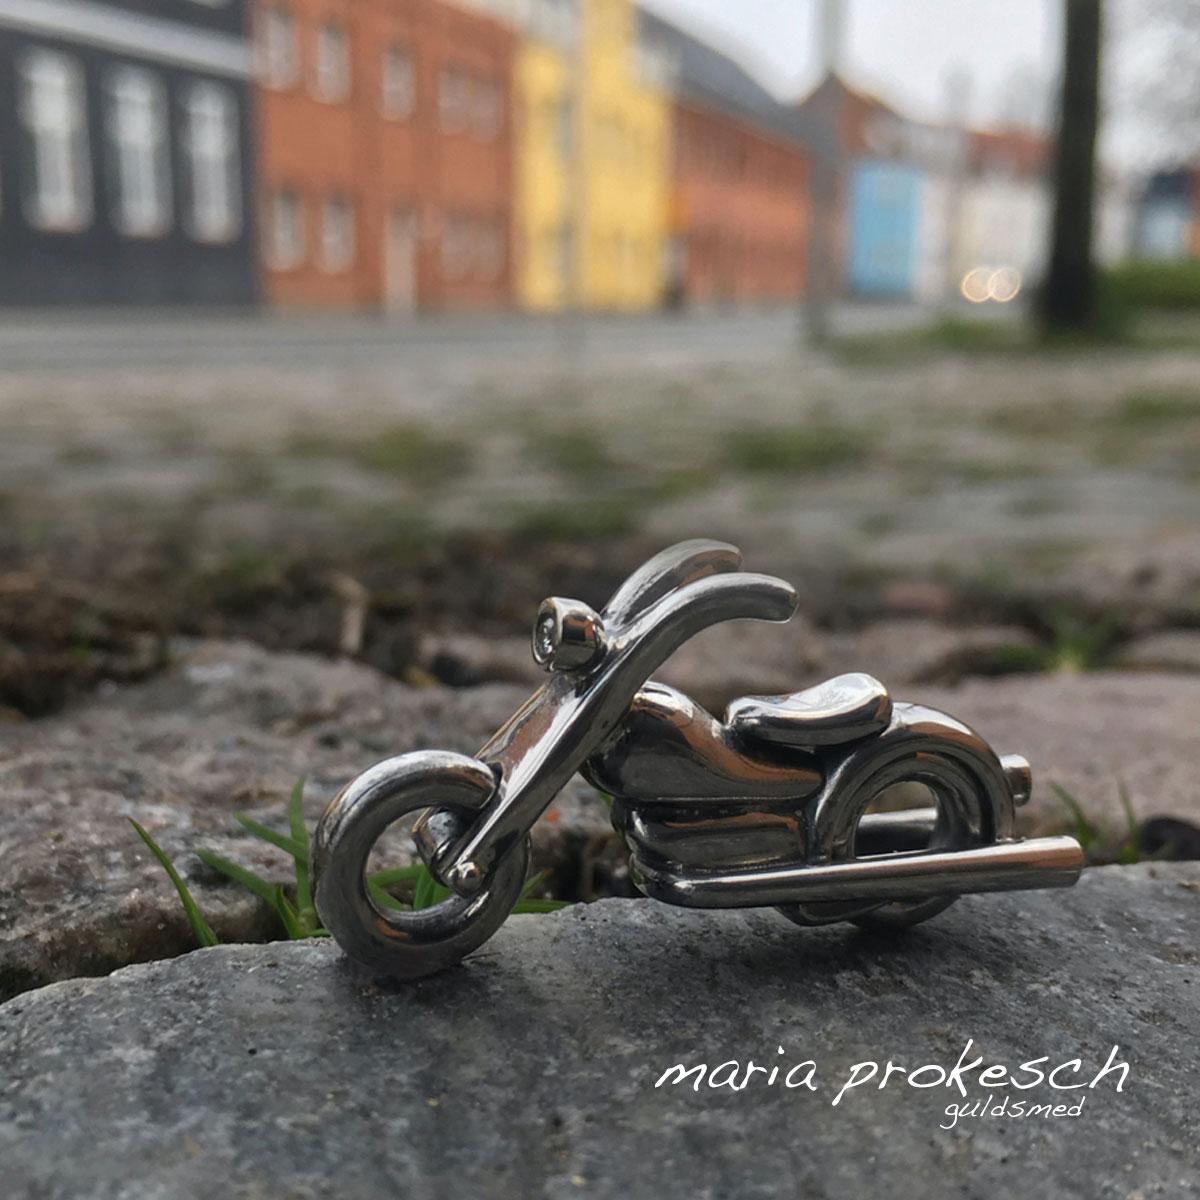 Herresmykke til ham. Motorcykel som nøglering i sølv. Håndlavet med motorcykeldæk der kan dreje rundt. Et elegant maskulint design.